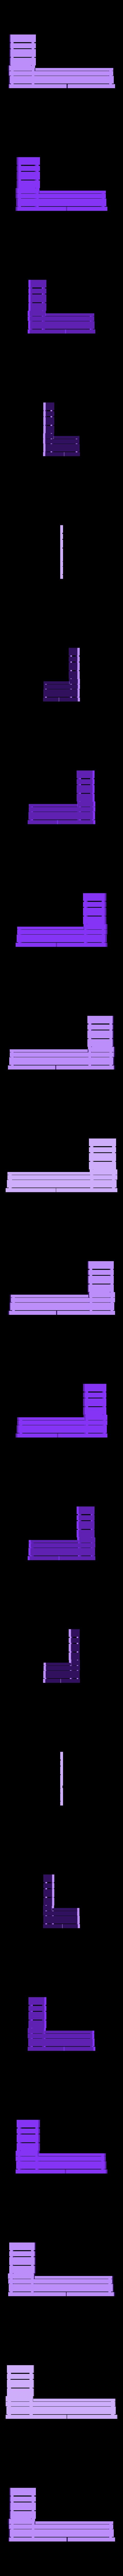 jettyplanks1.stl Télécharger fichier STL gratuit Le moulin • Design pour imprimante 3D, Earsling